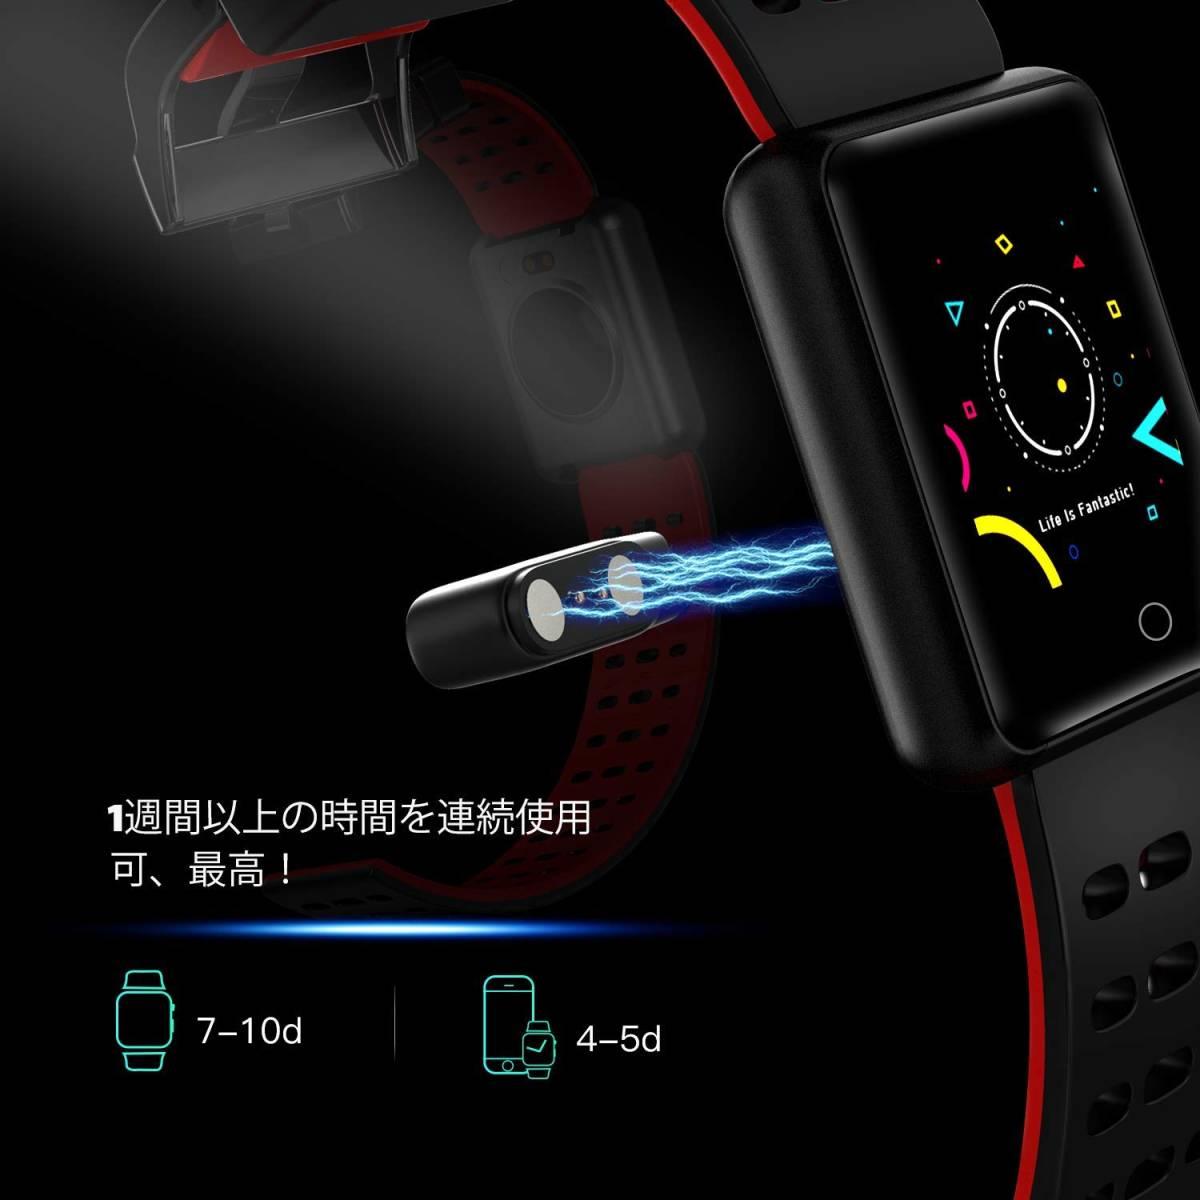 ★☆AGPTEK 2019最新 スマートウォッチ IP67防水 スマートブレスレット Bluetooth機能搭載 歩数計 タッチ操作【S0625】☆★_画像7